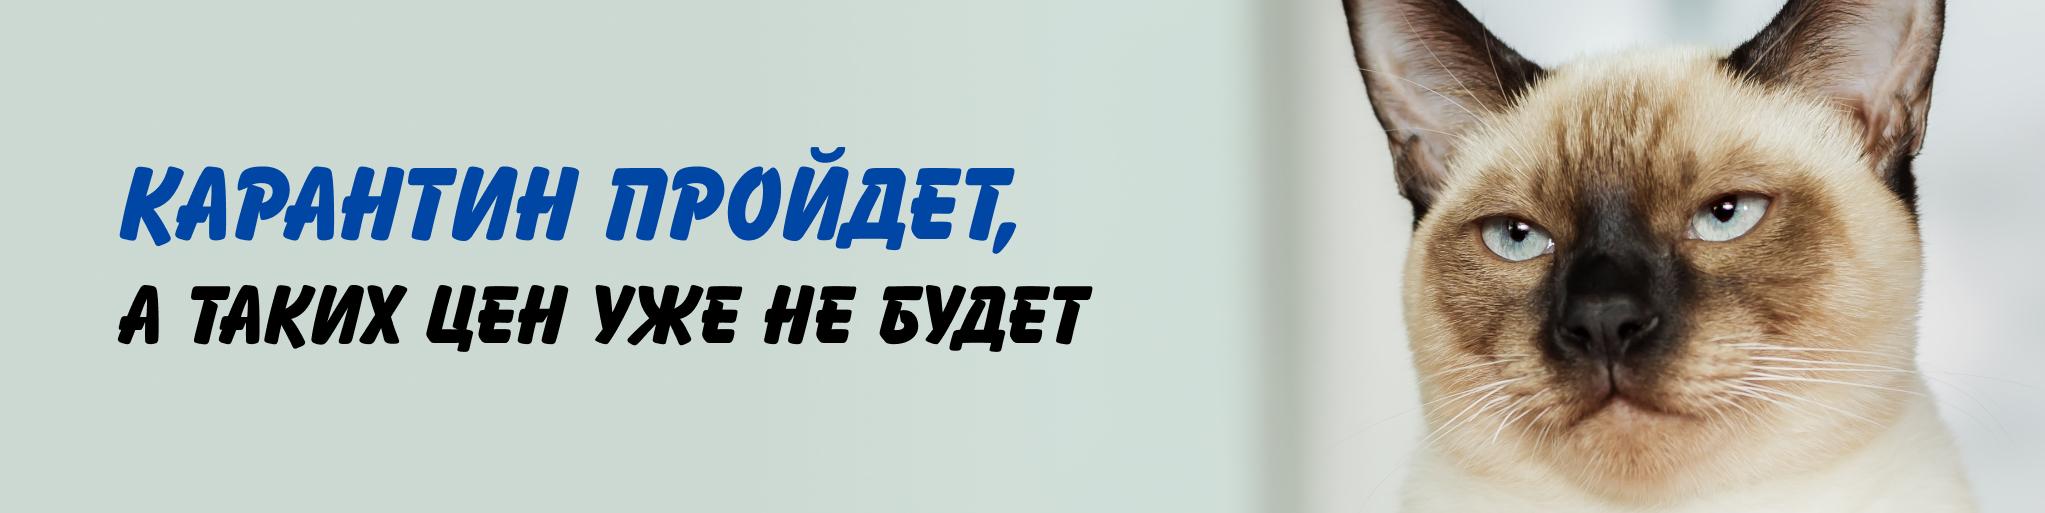 Yaroslavl_detskie